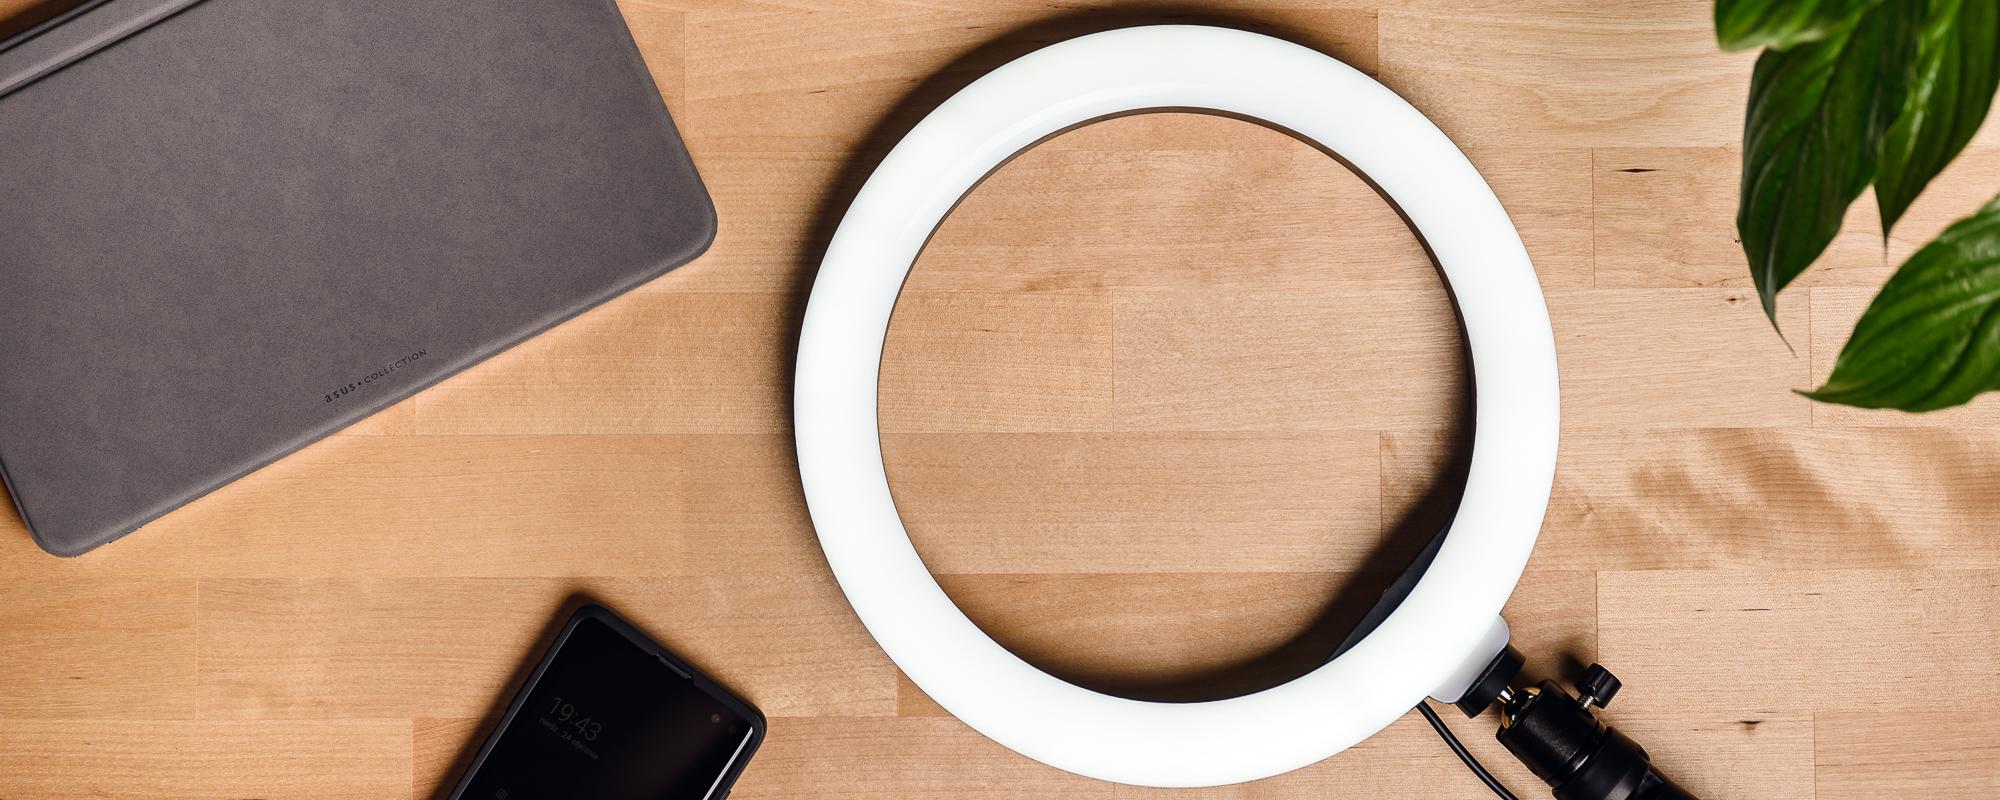 Lampa pierścieniowa LED Newell RL10 RGB